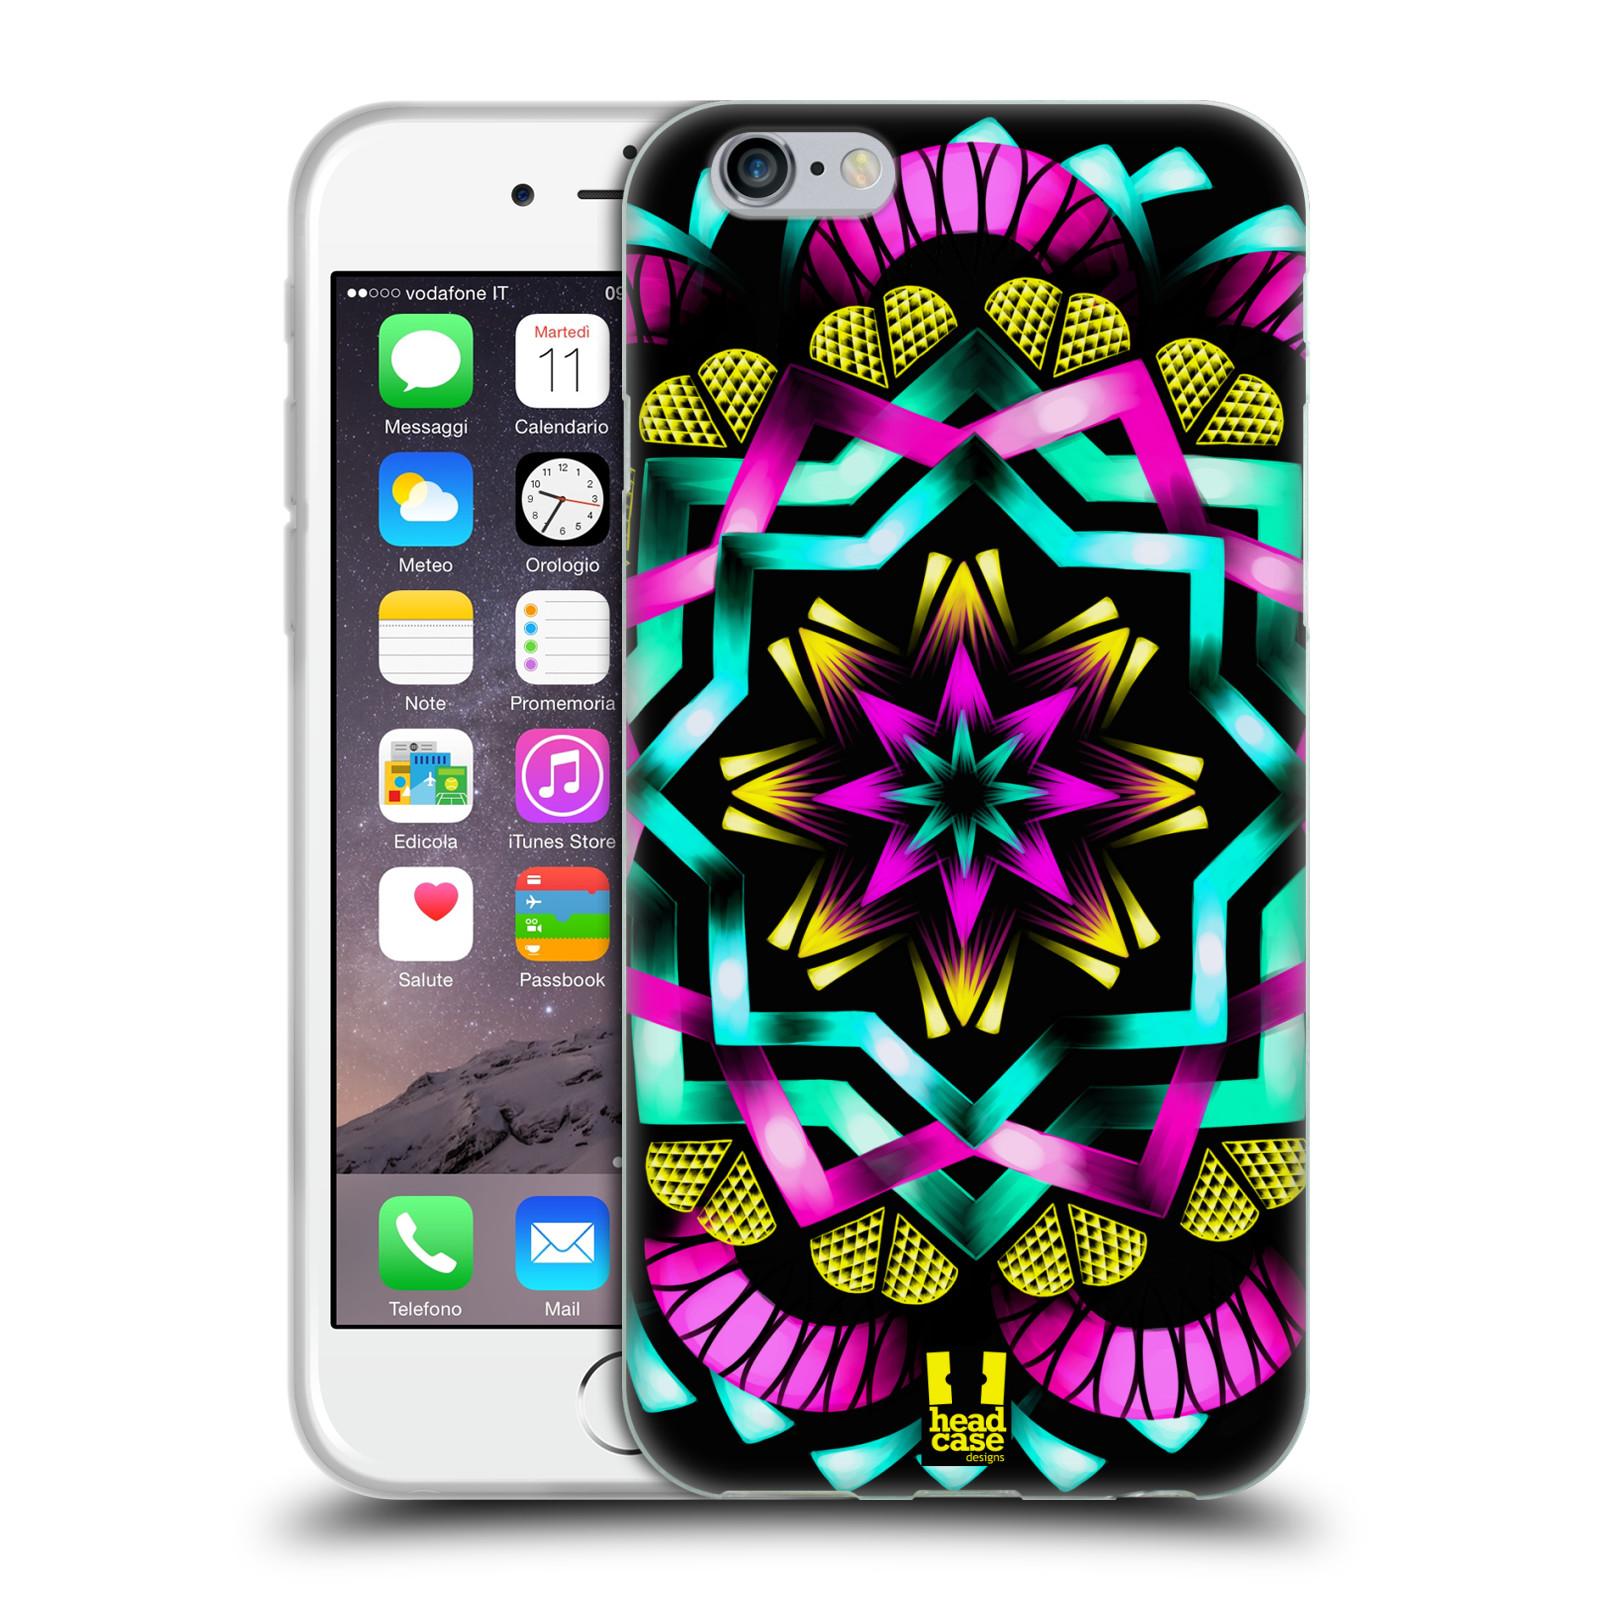 HEAD CASE silikonový obal na mobil Apple Iphone 6/6S vzor Indie Mandala kaleidoskop barevný vzor SLUNCE